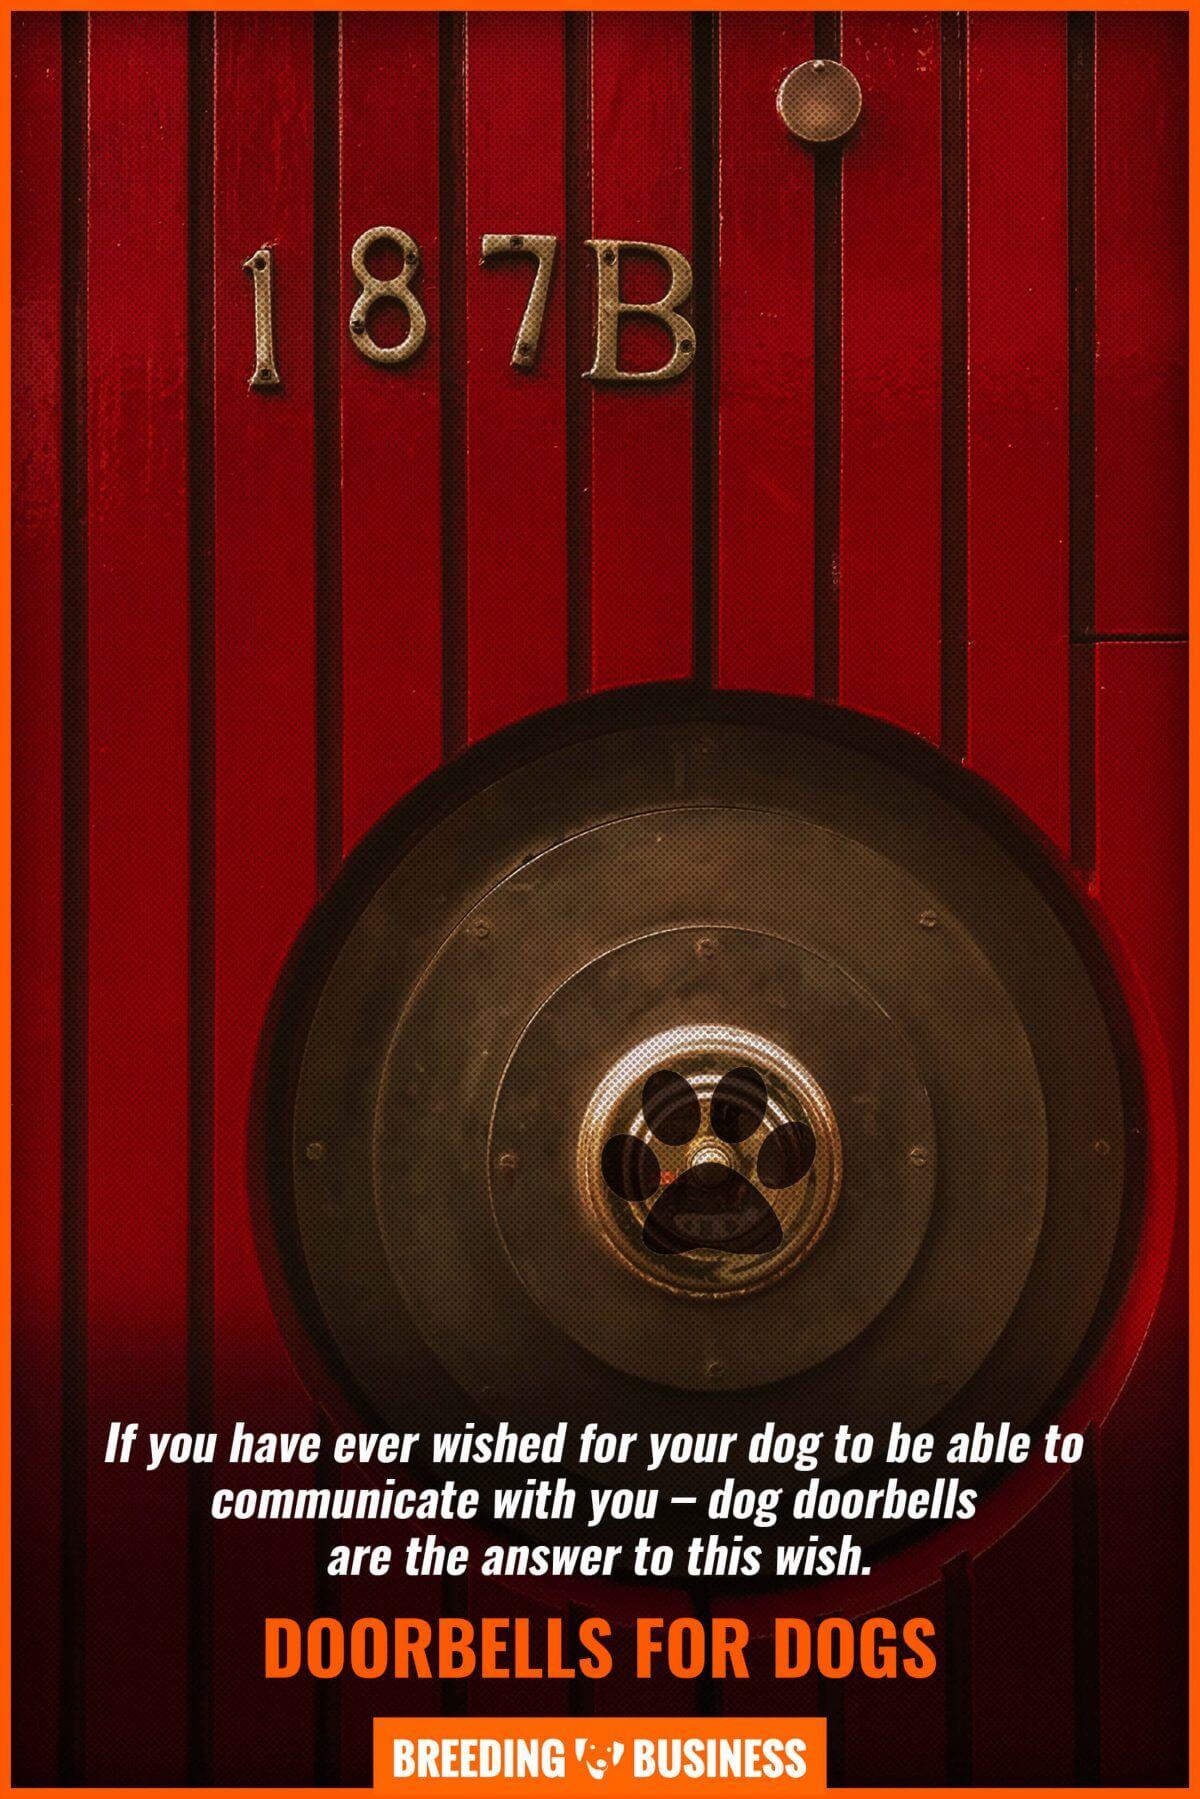 doorbells for dogs